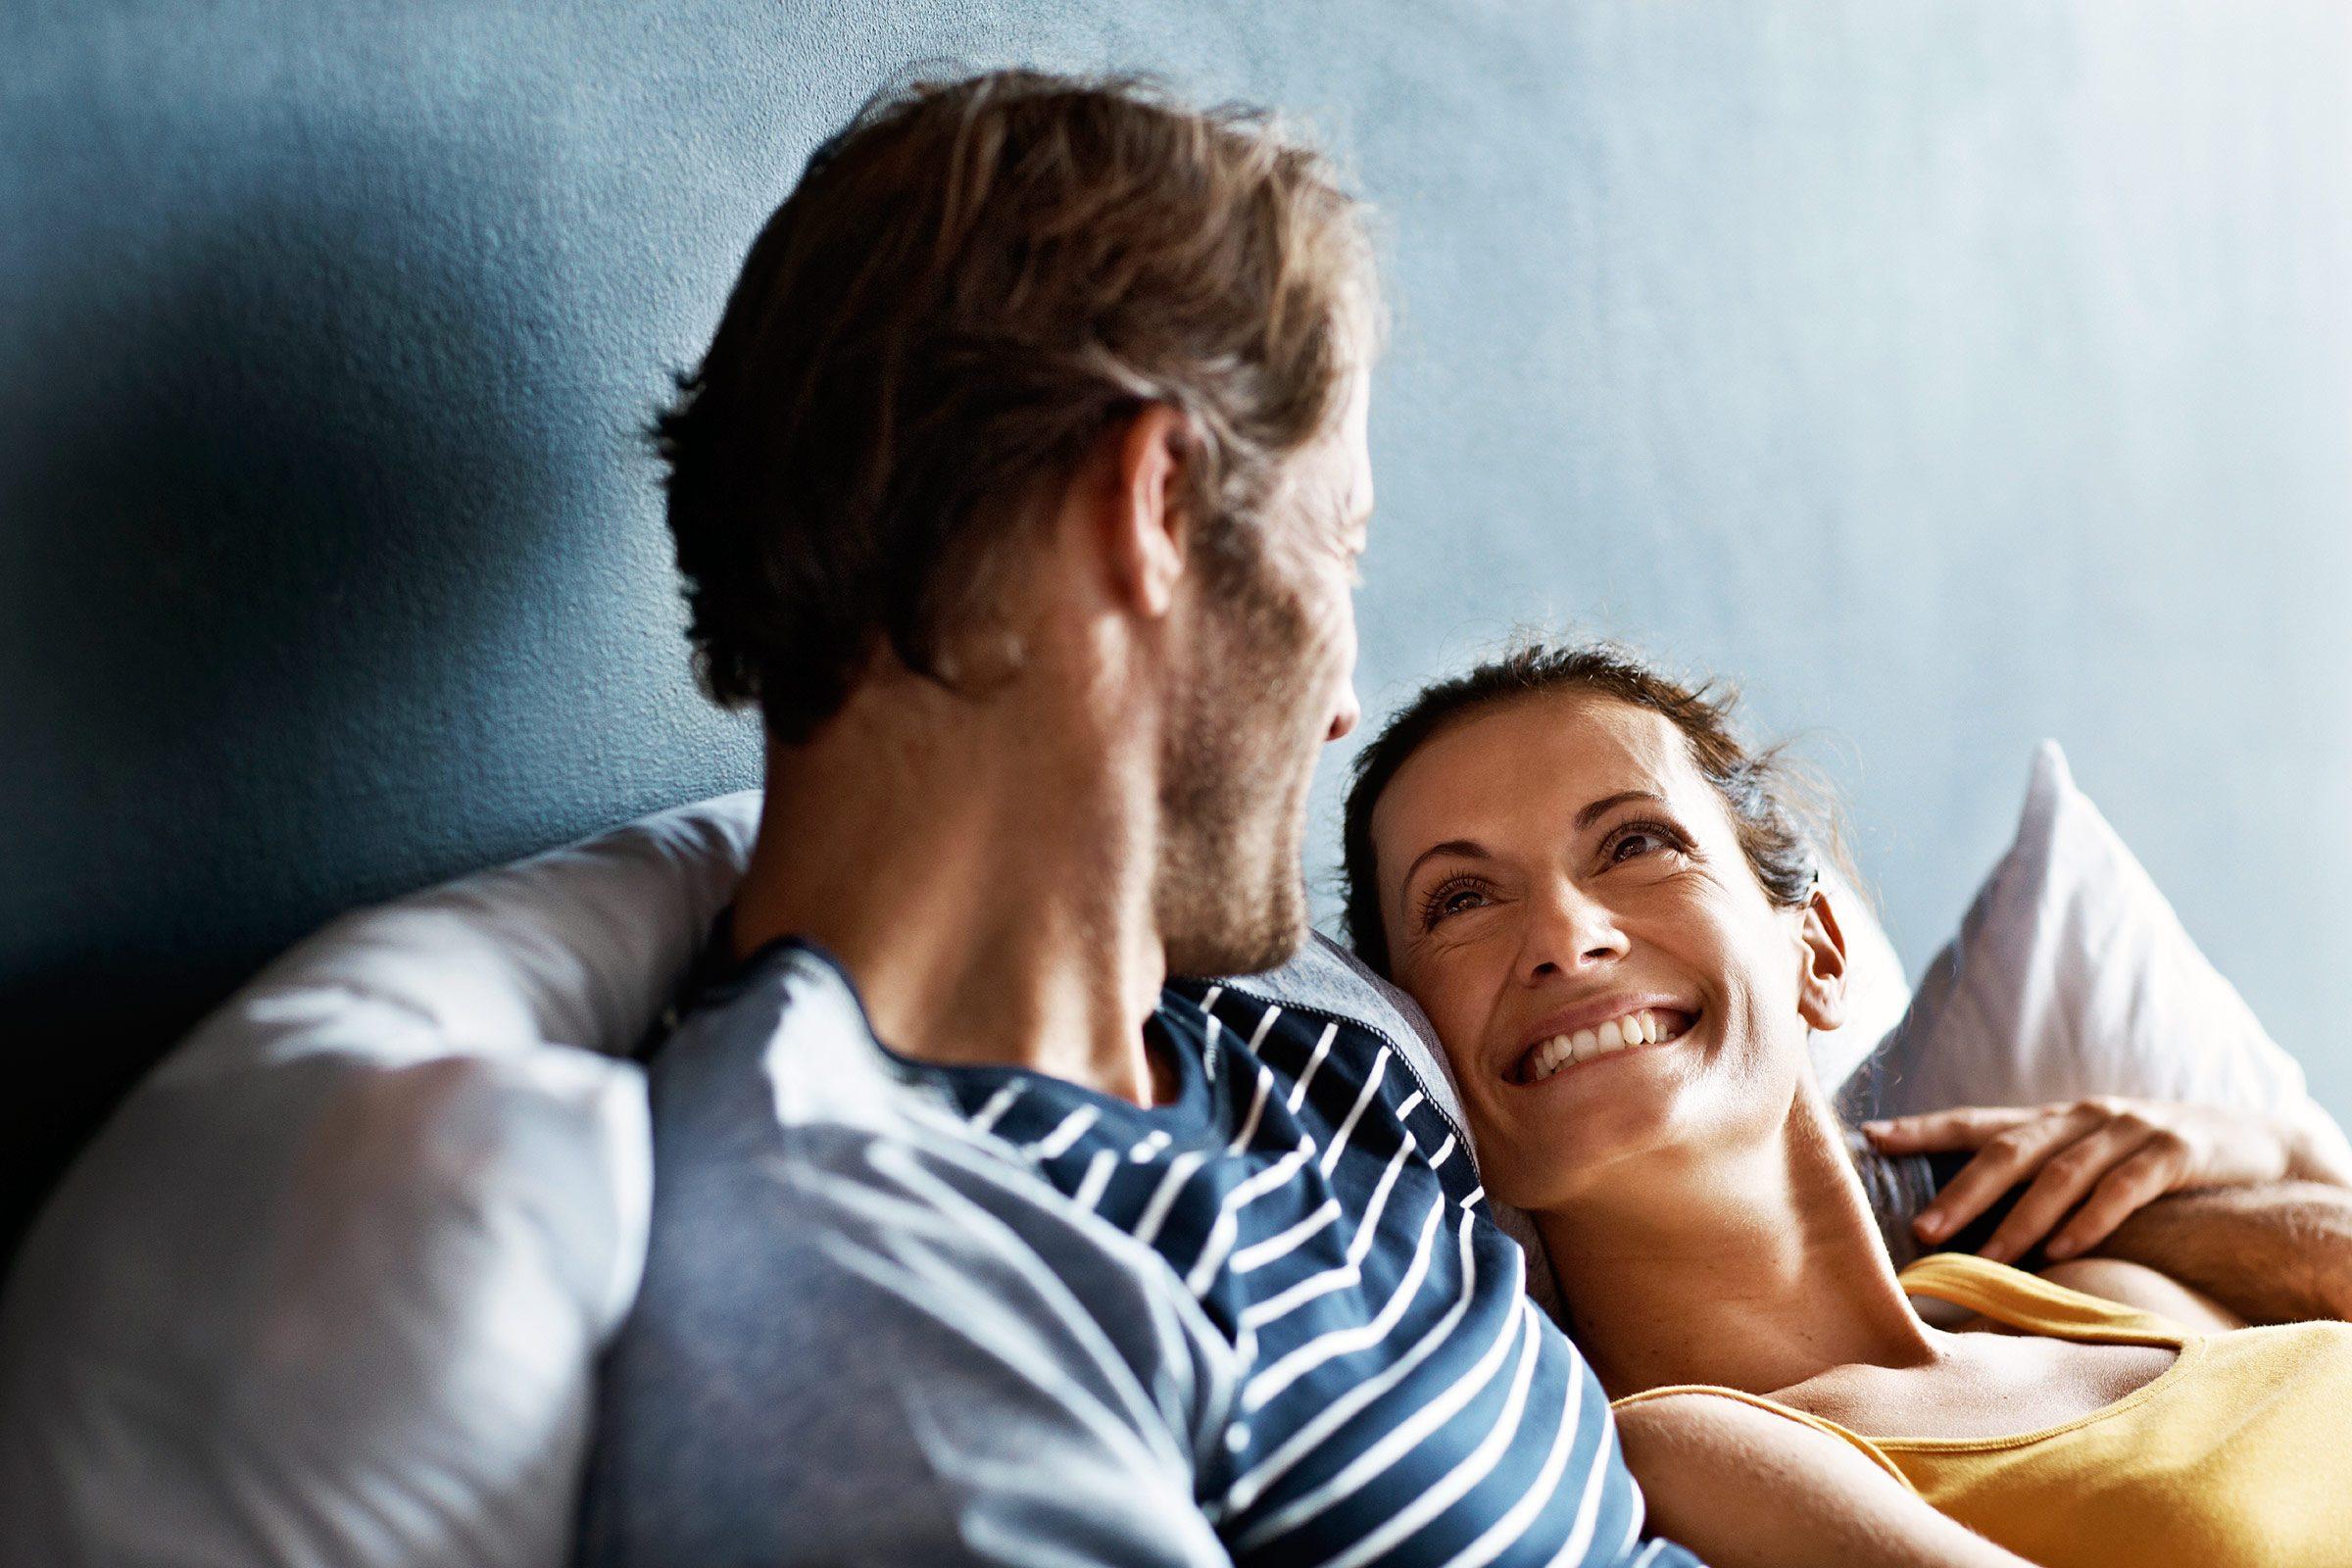 Indice que votre conjoint ne vous aime plus: il évite le contact visuel.